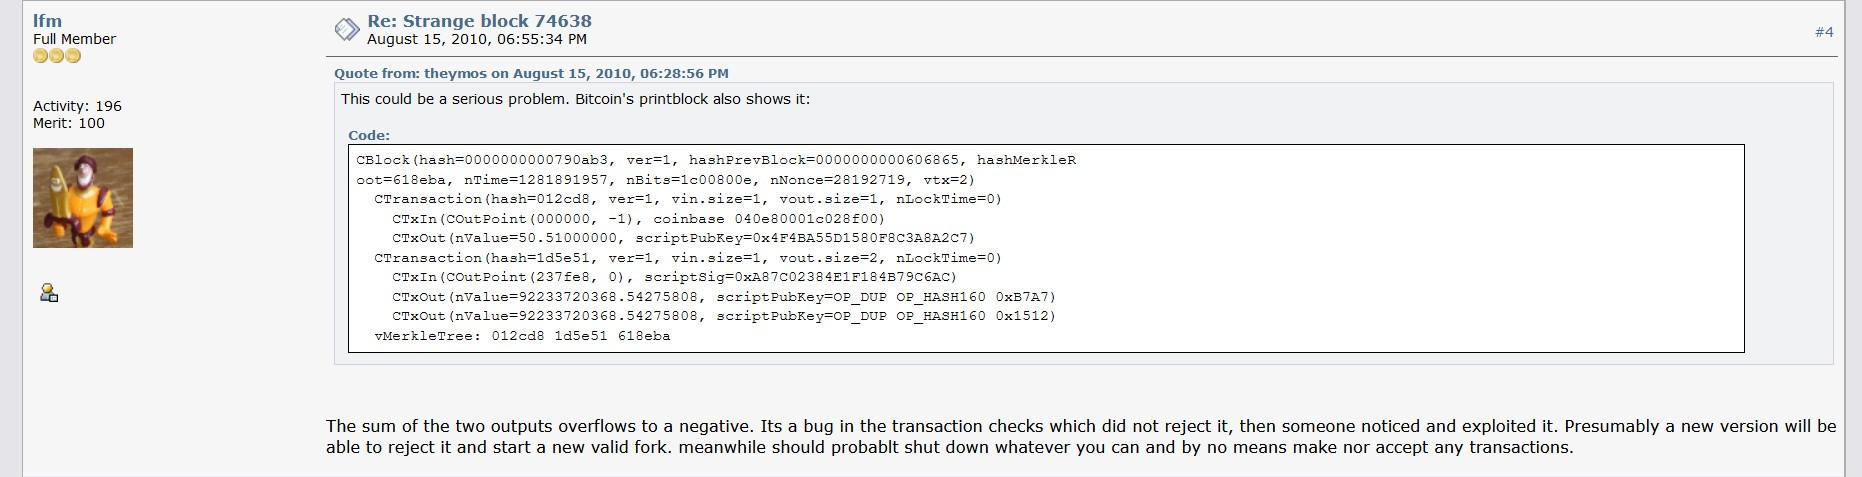 Description Of The Bitcoin 184B Bug - Bitcointalk Bitcoin immutability